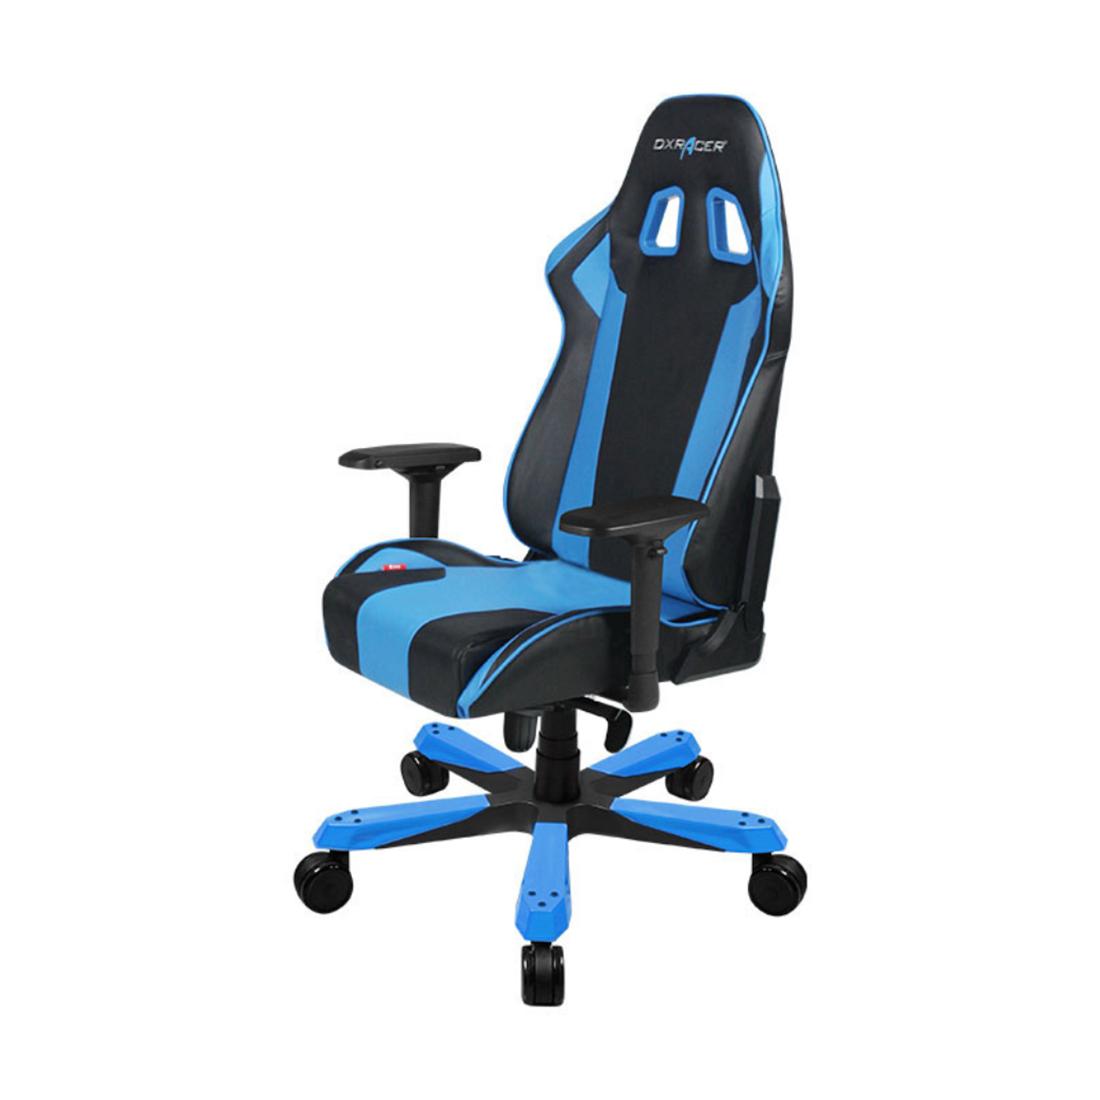 Игровое компьютерное кресло DX Racer OH/KS06/NB